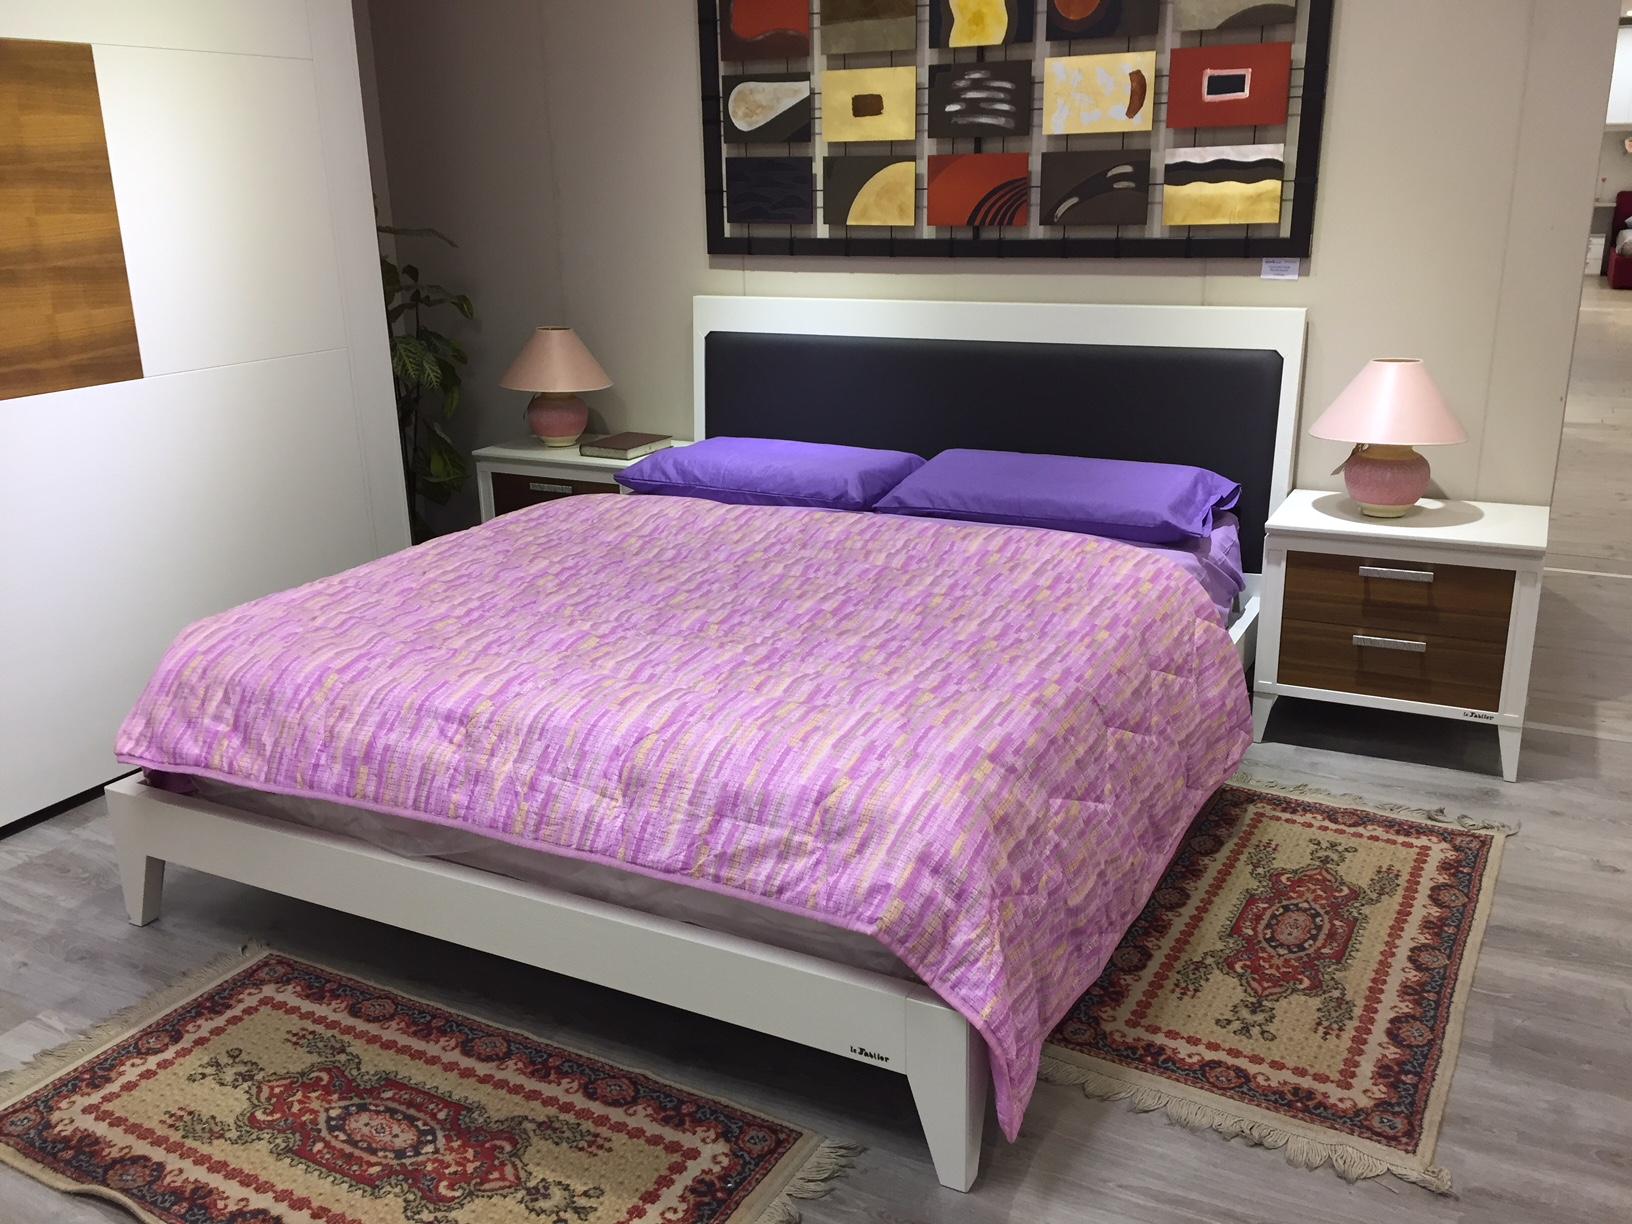 Offerta camera da letto le fablier collezione melograno for Camere da letto in offerta